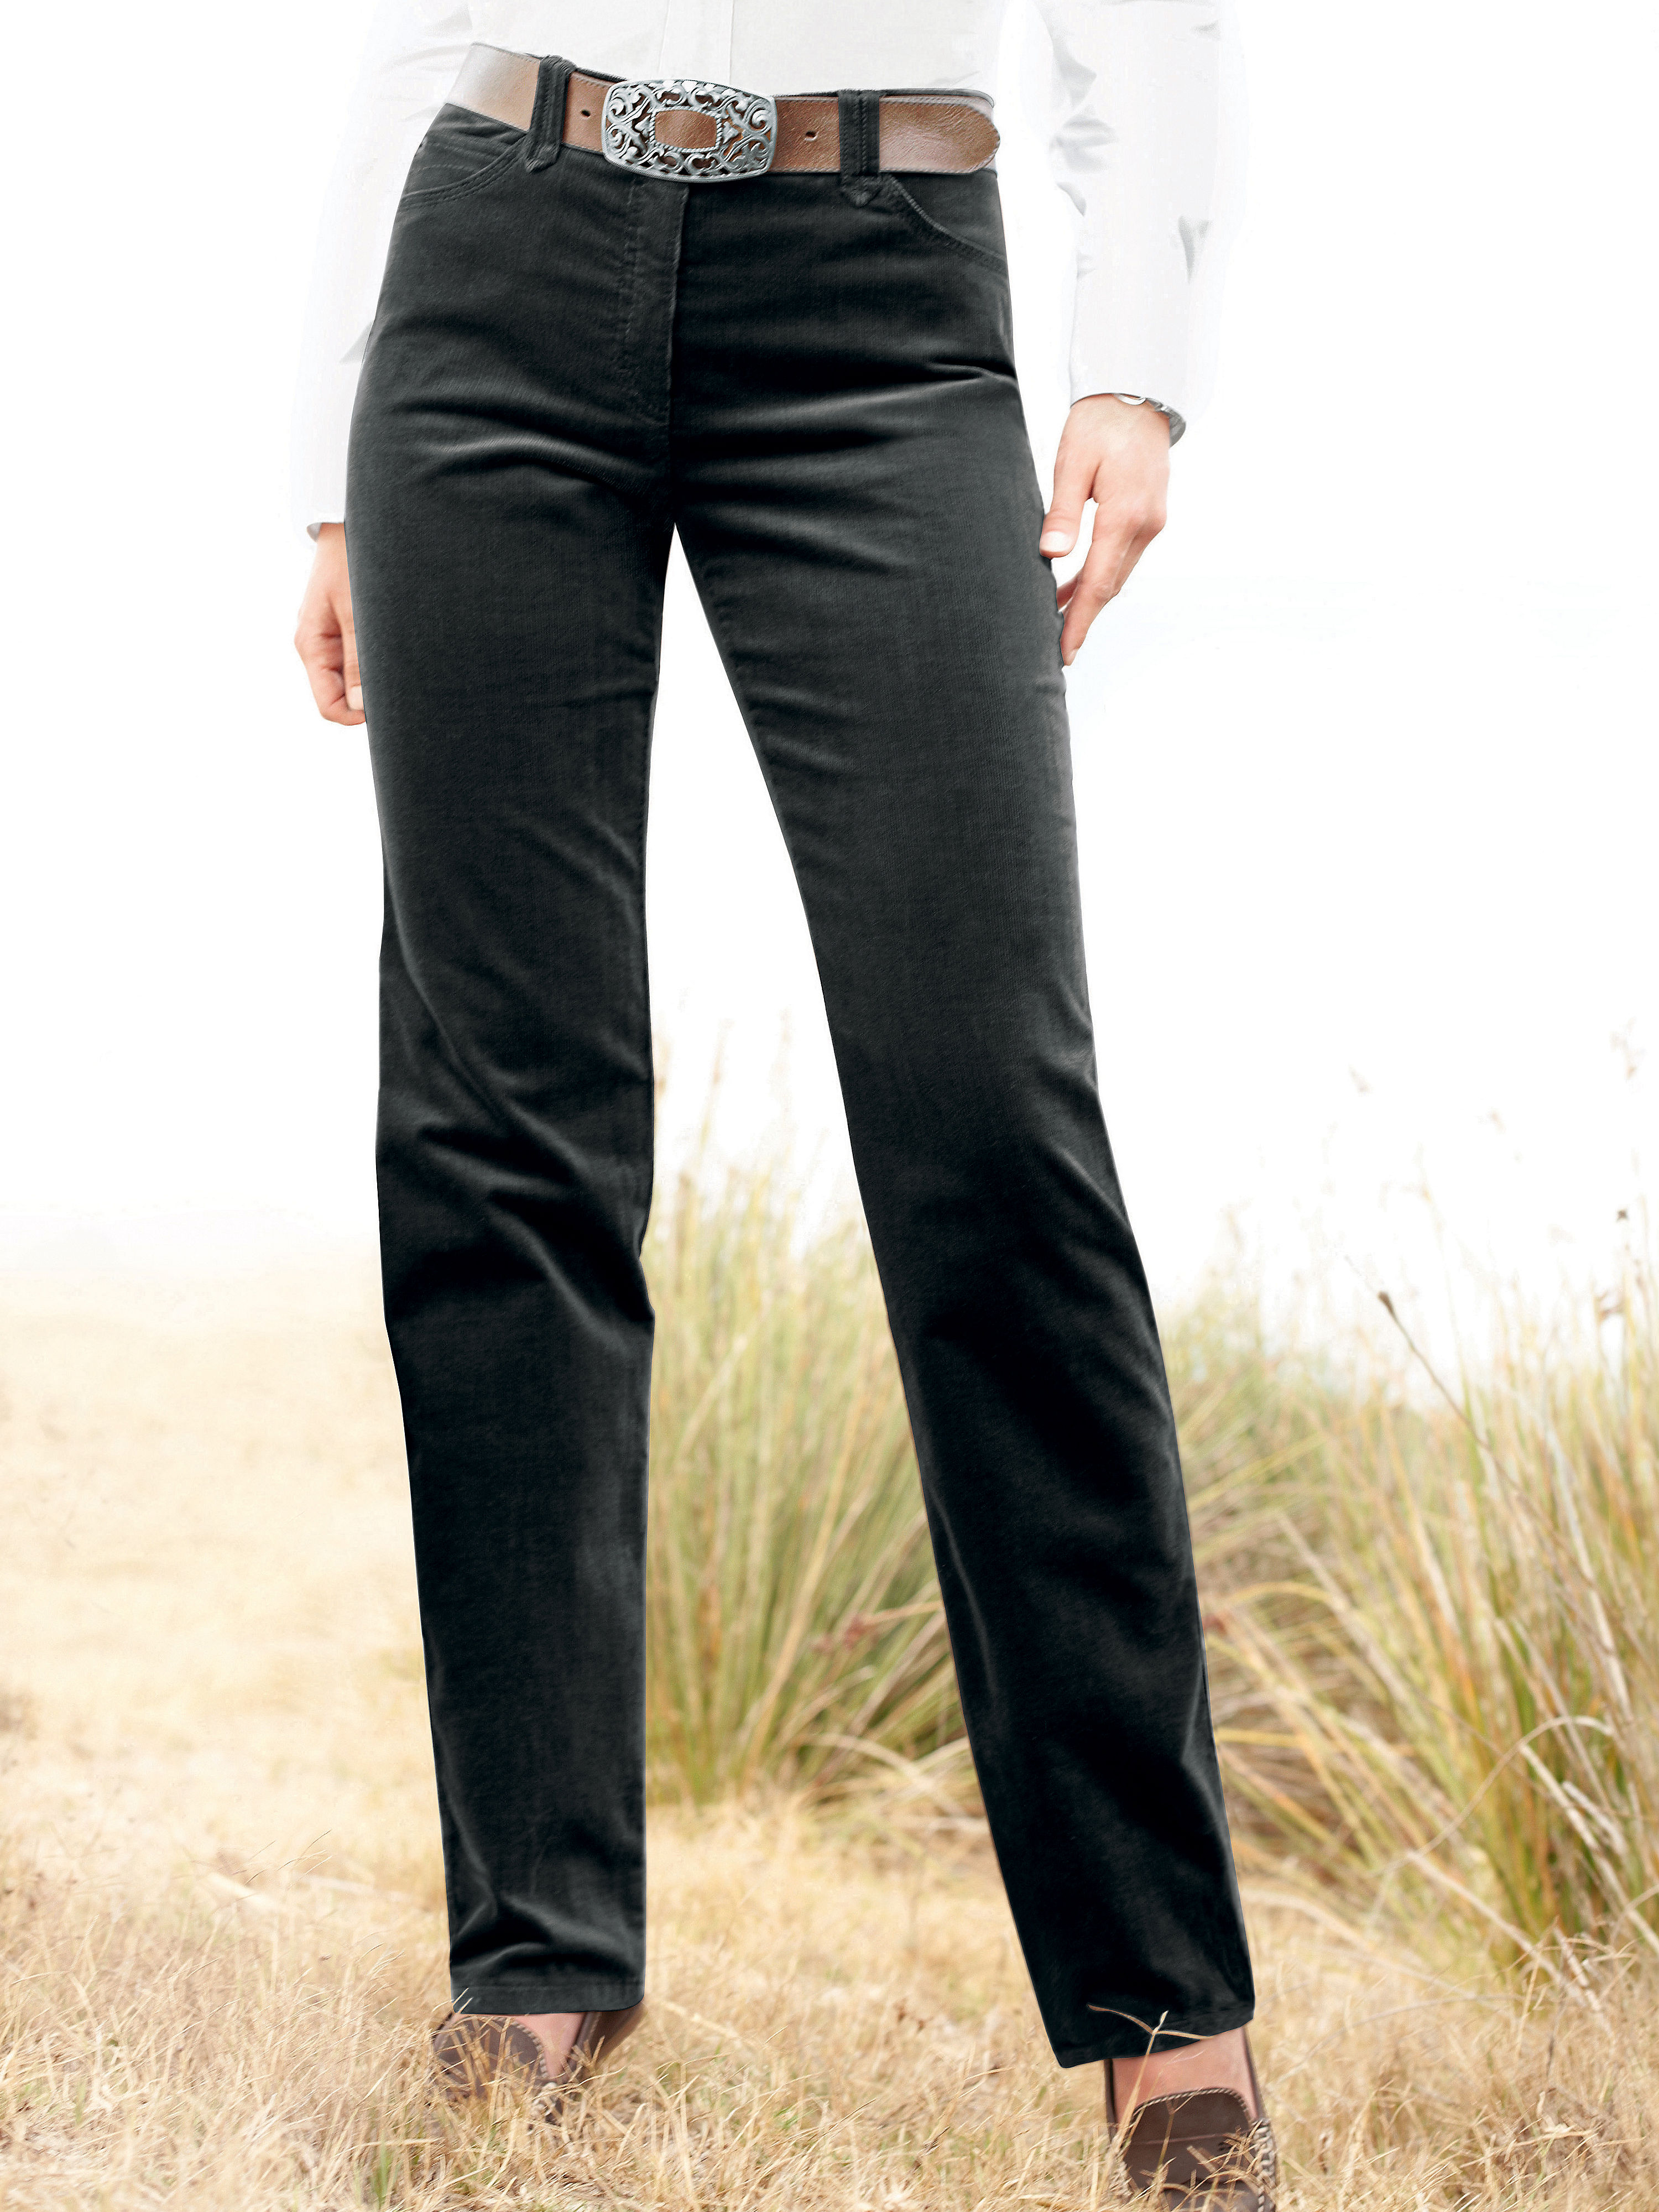 Fijncordbroek van brax feel good, model carola. 'feminine fit', aangename pasvorm met iets wijdere bovenbenen ...